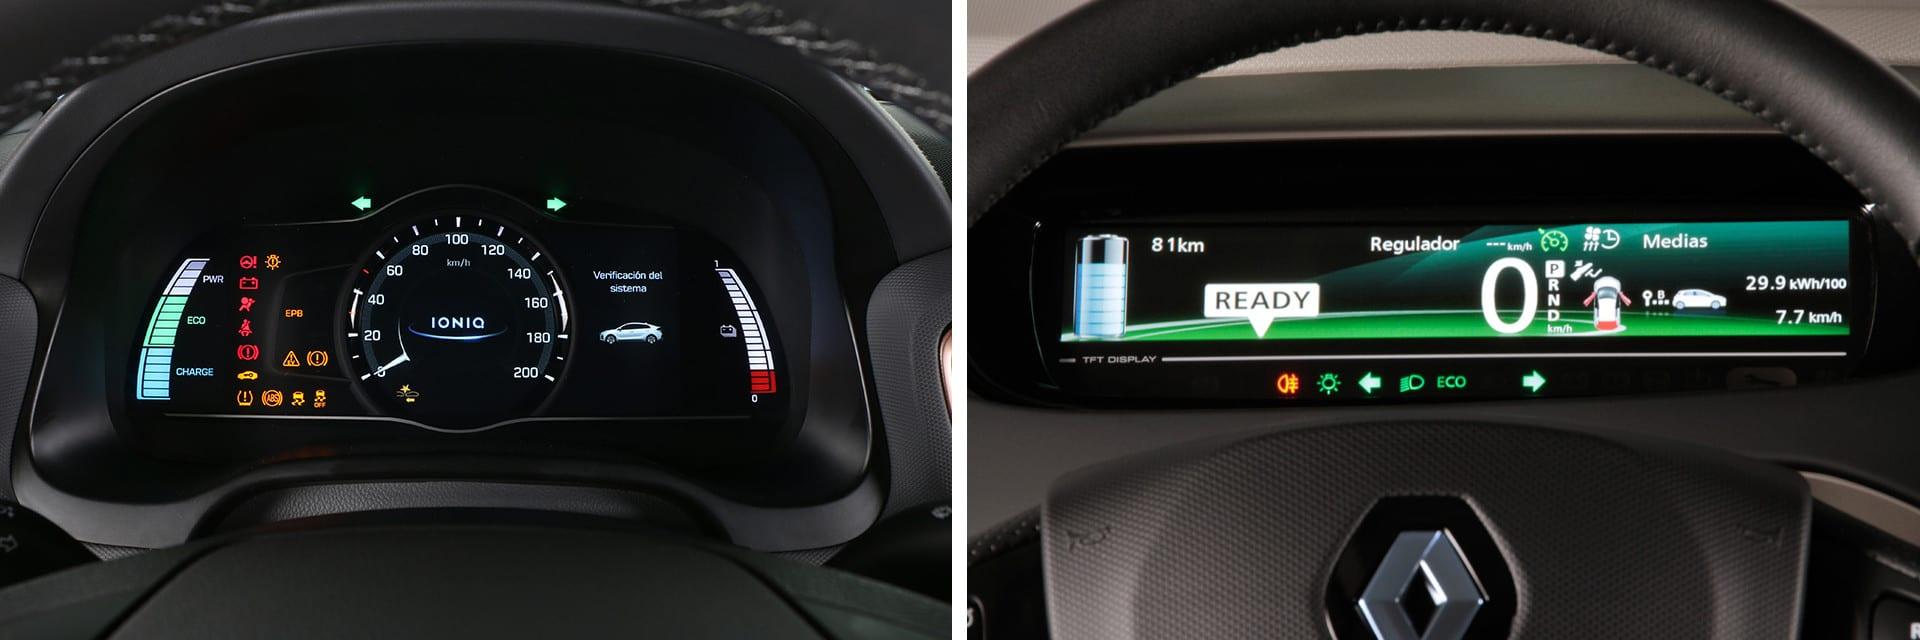 El cuadro de instrumentos del IONIQ (izq.) está formado por una pantalla central con dos indicadores a los lados; la del ZOE (dcha.) es una pantalla digital.